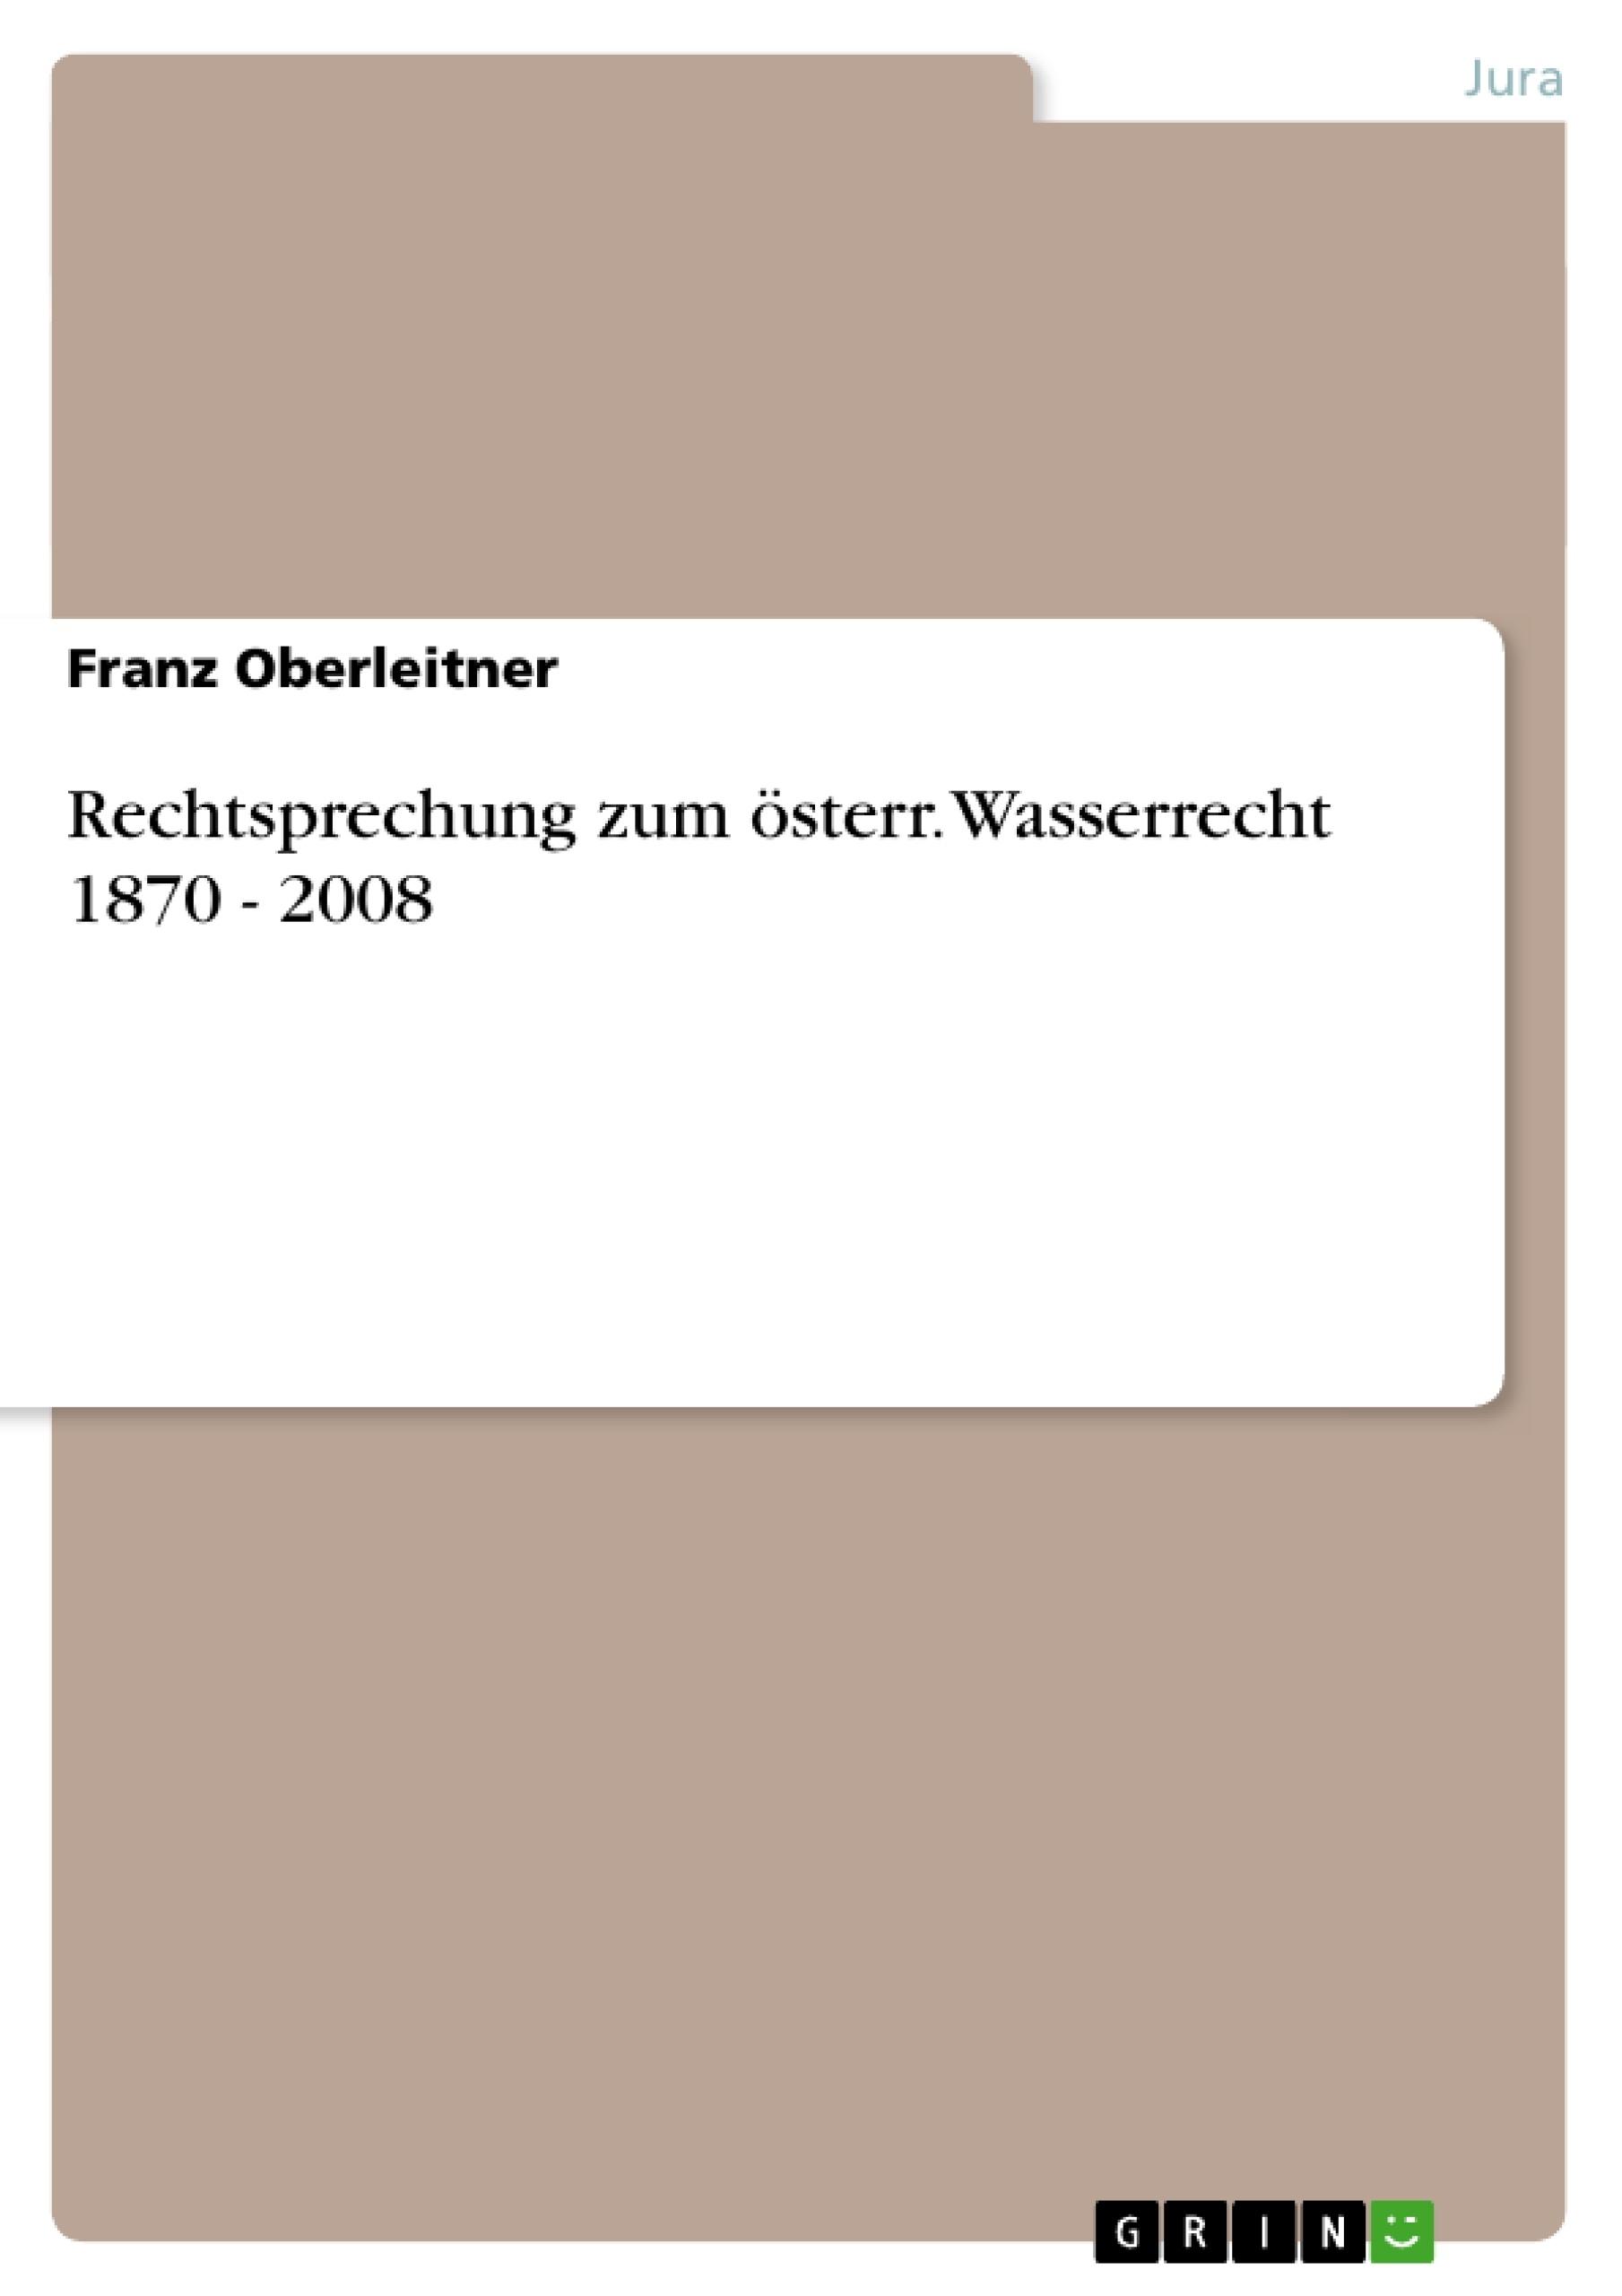 Titel: Rechtsprechung zum österr. Wasserrecht 1870 - 2008